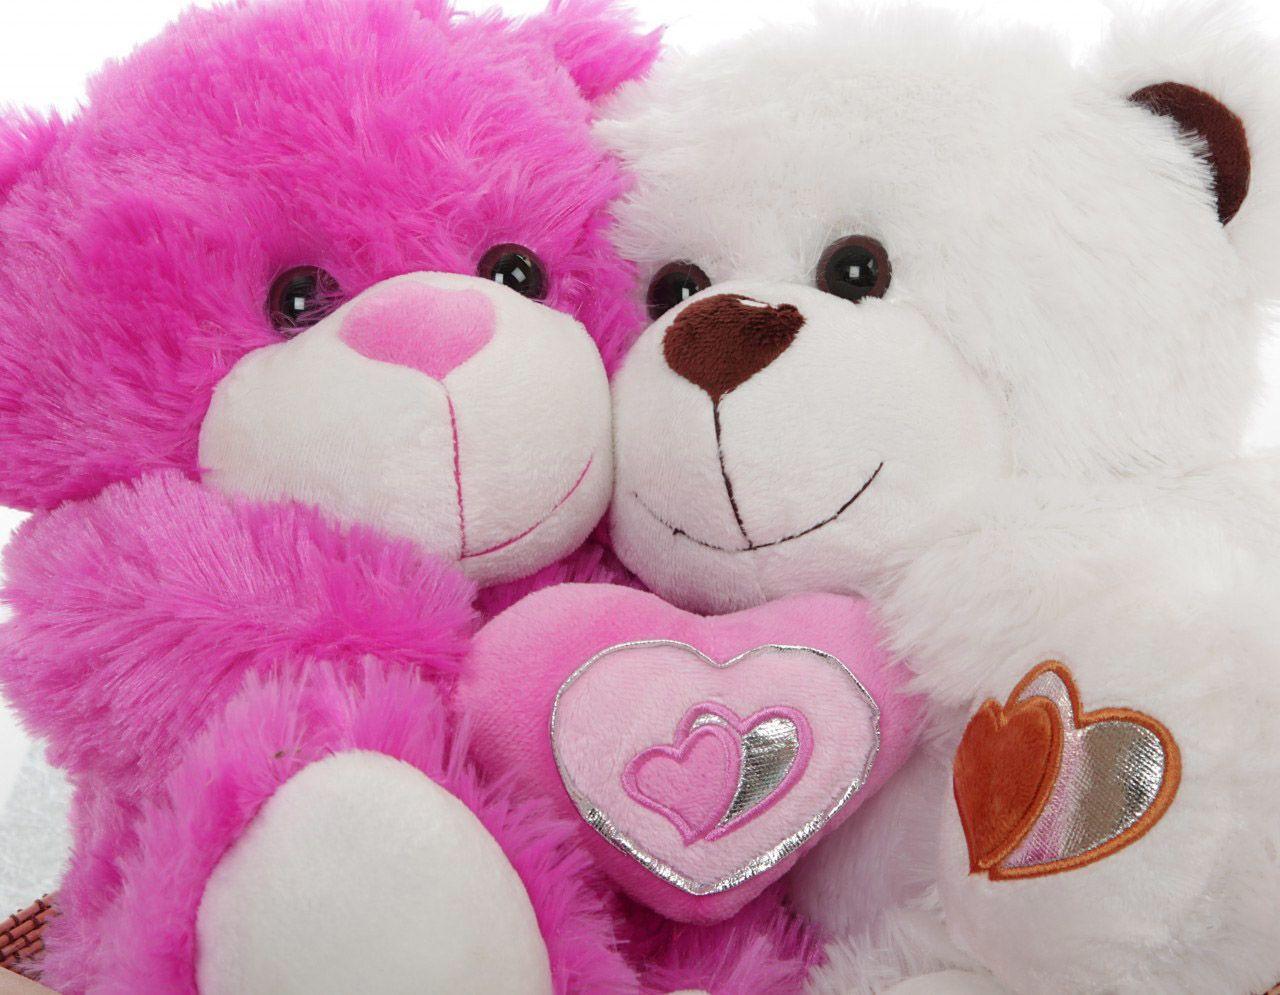 Happy teddy day greetings teddy bear pinterest bear happy teddy day greetings m4hsunfo